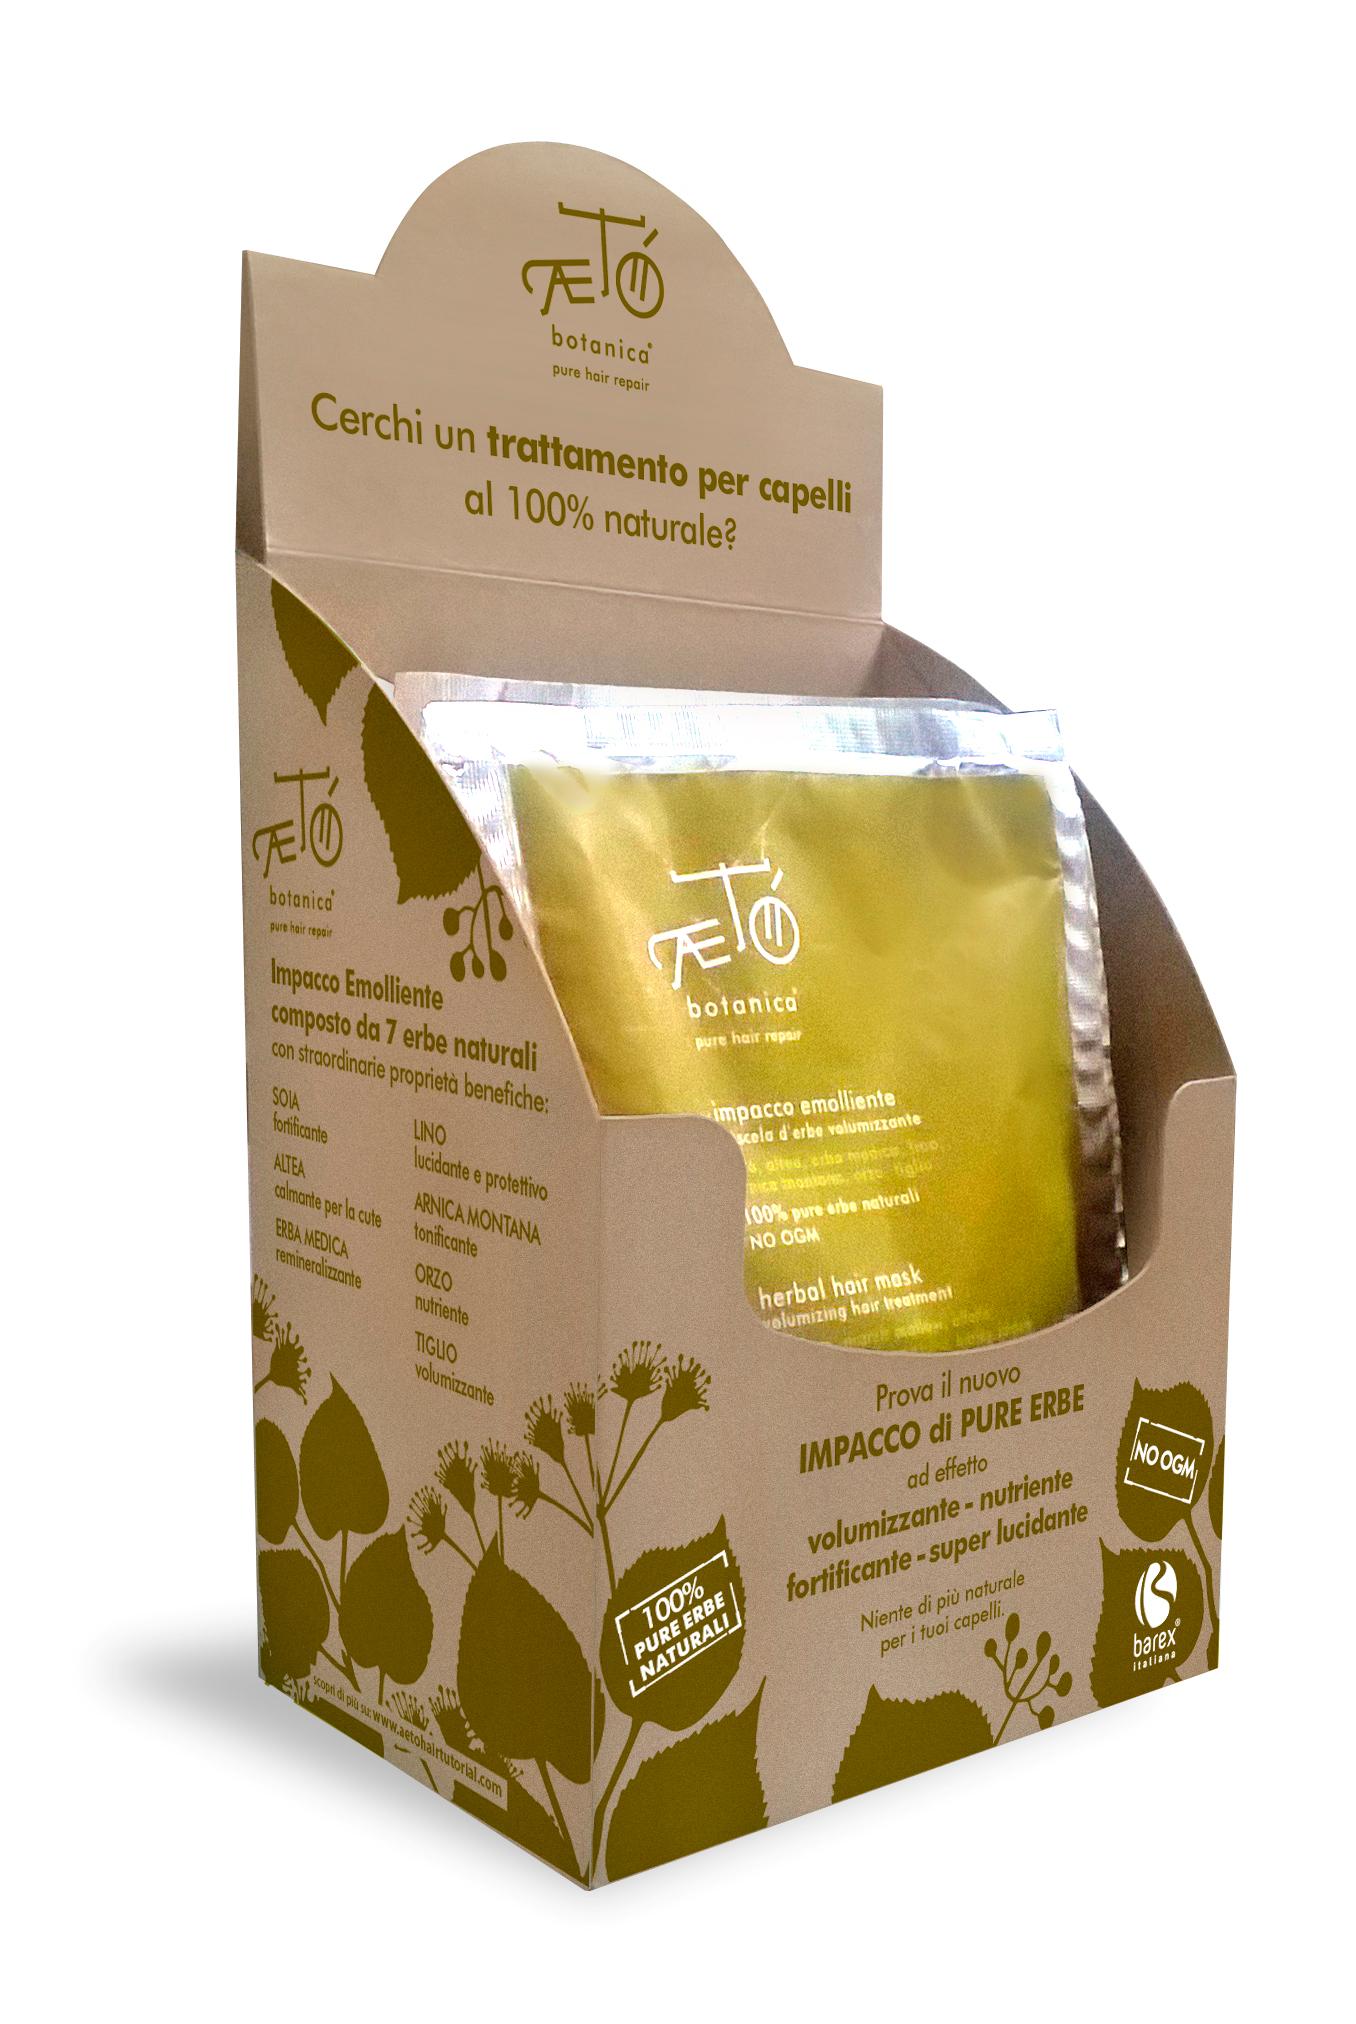 BAREX Маска смягчающая, из растительной смеси, для обертывания волос, с эффектом укрепления / АЕТО 5*100грМаски<br>МАСКА СМЯГЧАЮЩАЯ ДЛЯ ОБЕРТЫВАНИЯ ВОЛОС Impacco Emolliente miscela derbe volumizzante из линии Aeto Botanica - Натуральная смесь из ценных трав в виде порошка: алтей, соя, люцерна, лен, арника и ячмень! Обладает исключительными восстанавливающими оздоравливающими свойствами для кожи головы и одновременно защитно - увлажняющим, укрепляющим действием по длине волос, плюс придает дополнительный объем прическе! Рекомендована всем! Окрашенным, обесцвеченным, ослабленным, тонким волосам в качестве горячего компресса. Активные ингредиенты: смесь измельченных растений: соя, алтей, люцерна, лен, арника, ячмень, липа<br>